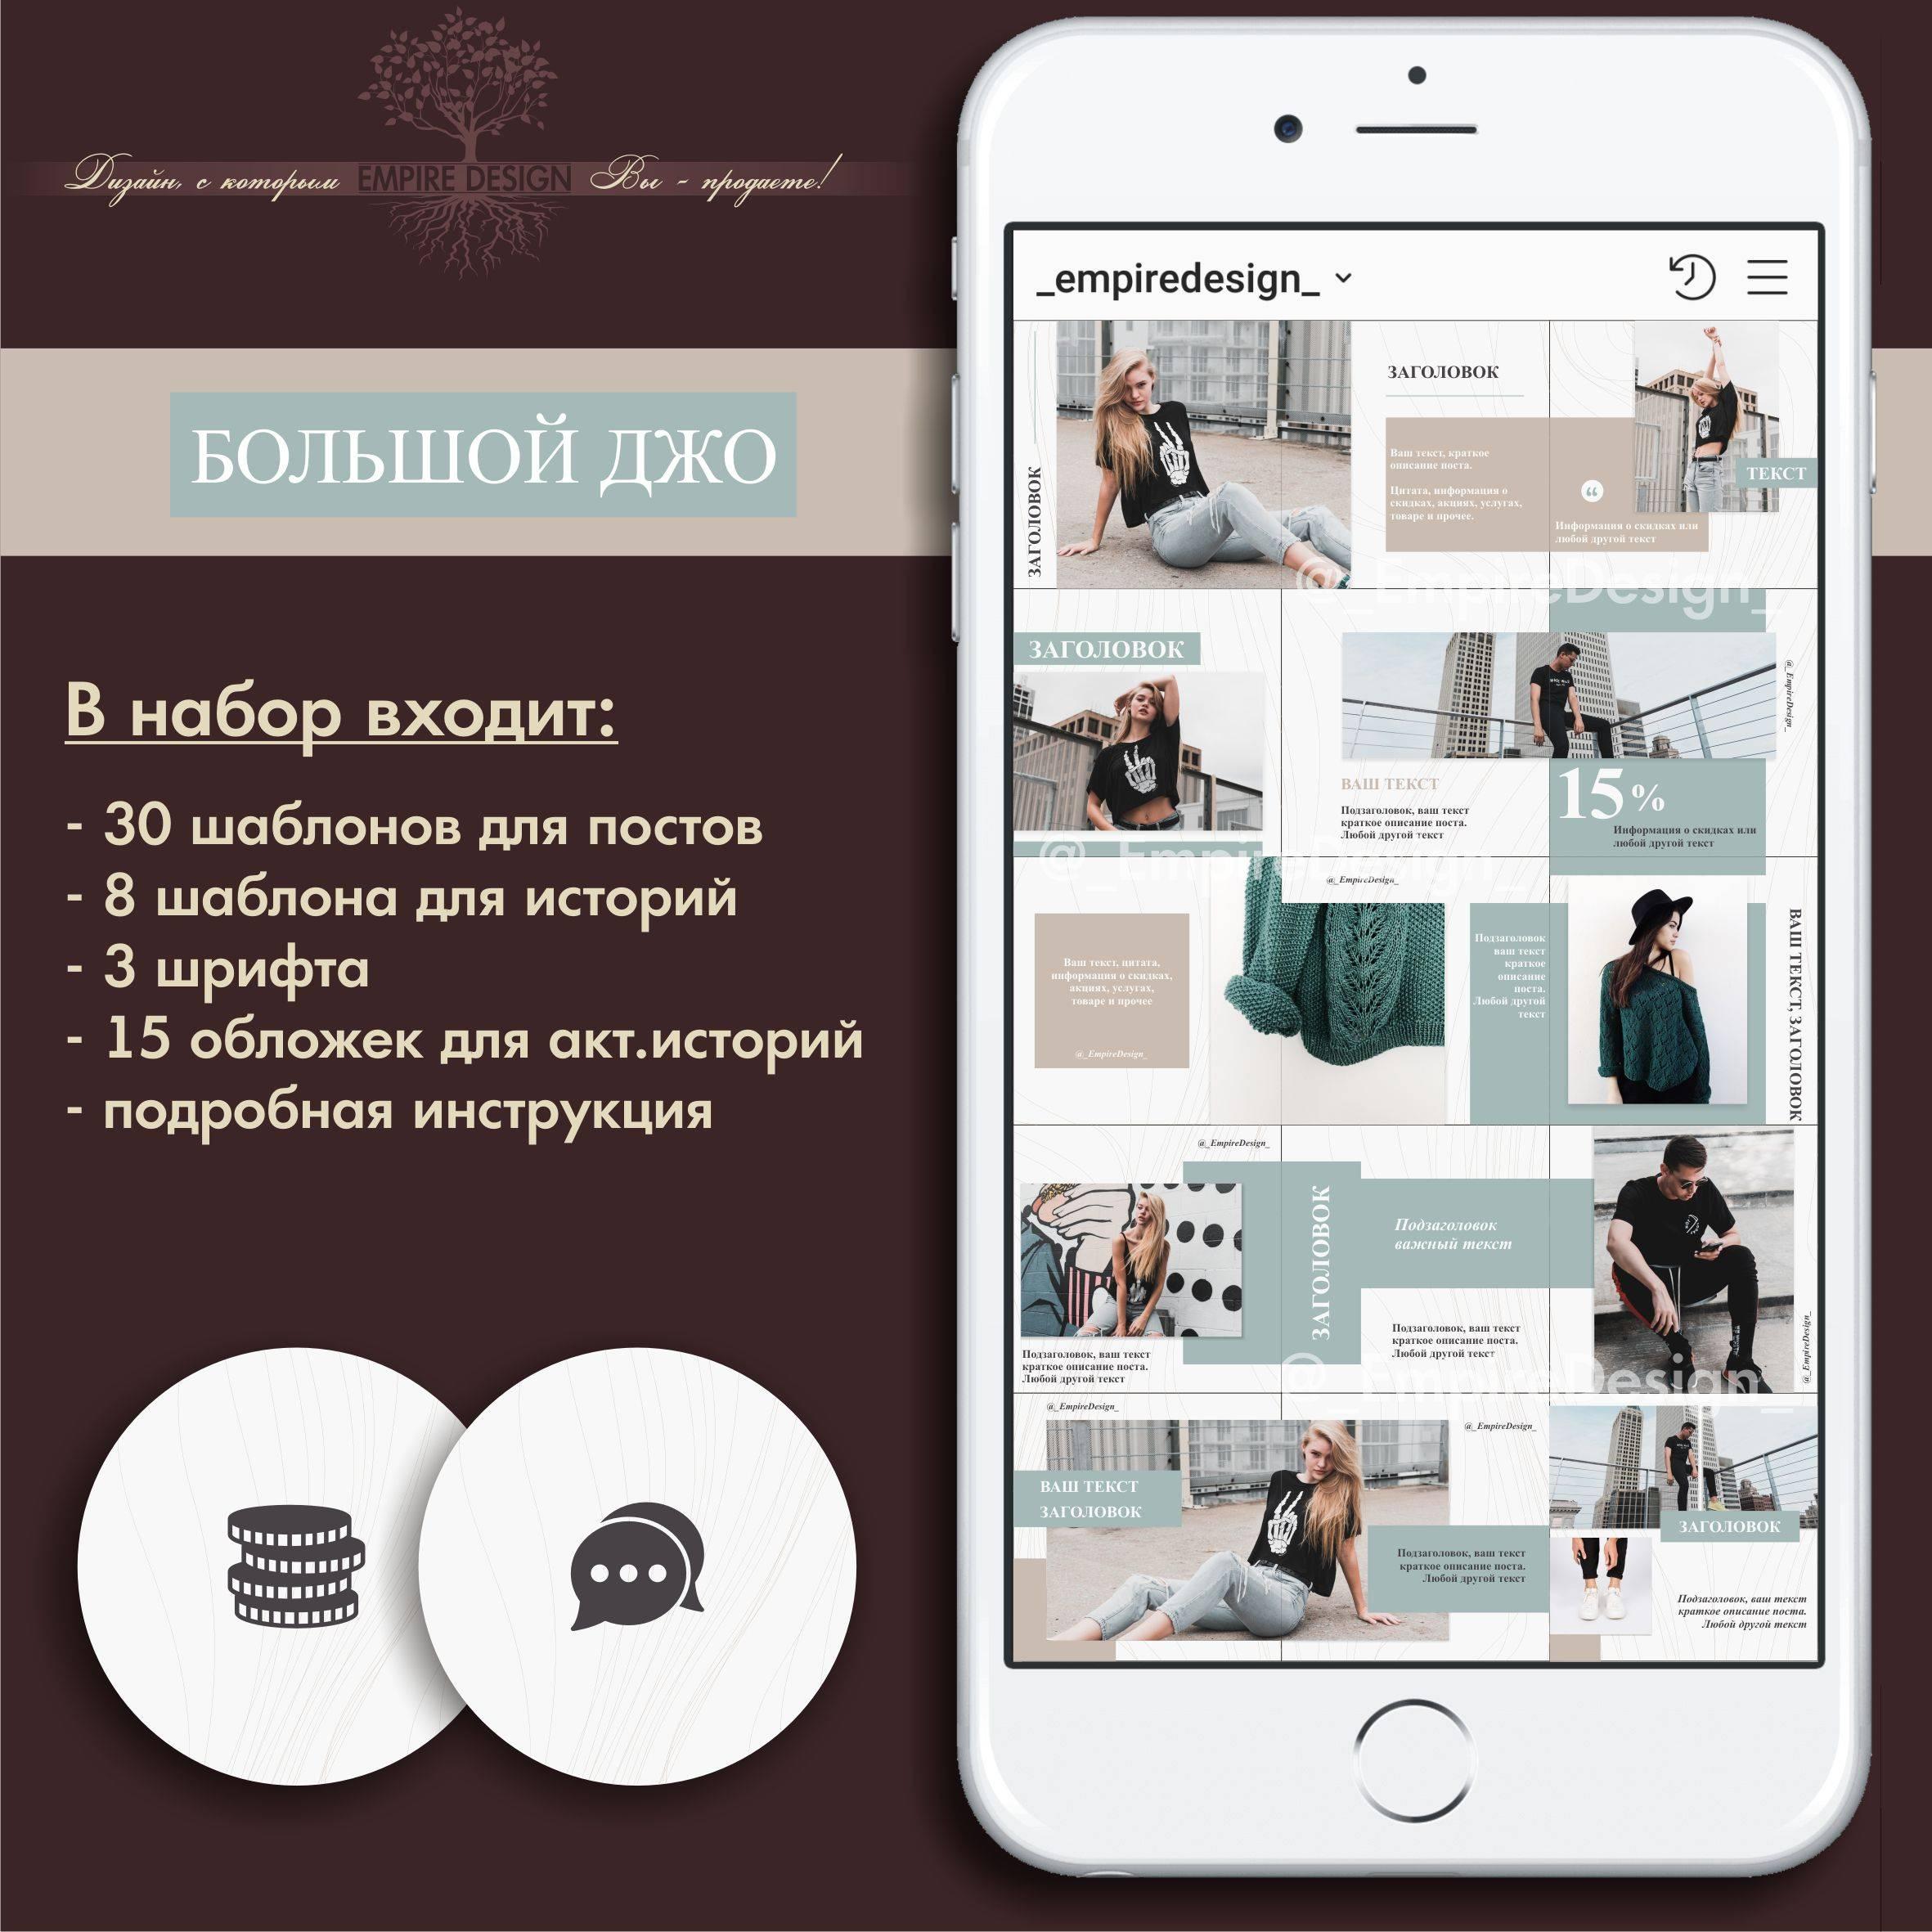 Макет для рекламы в инстаграм: как сделать рекламный макет, в сторис, топ приложение